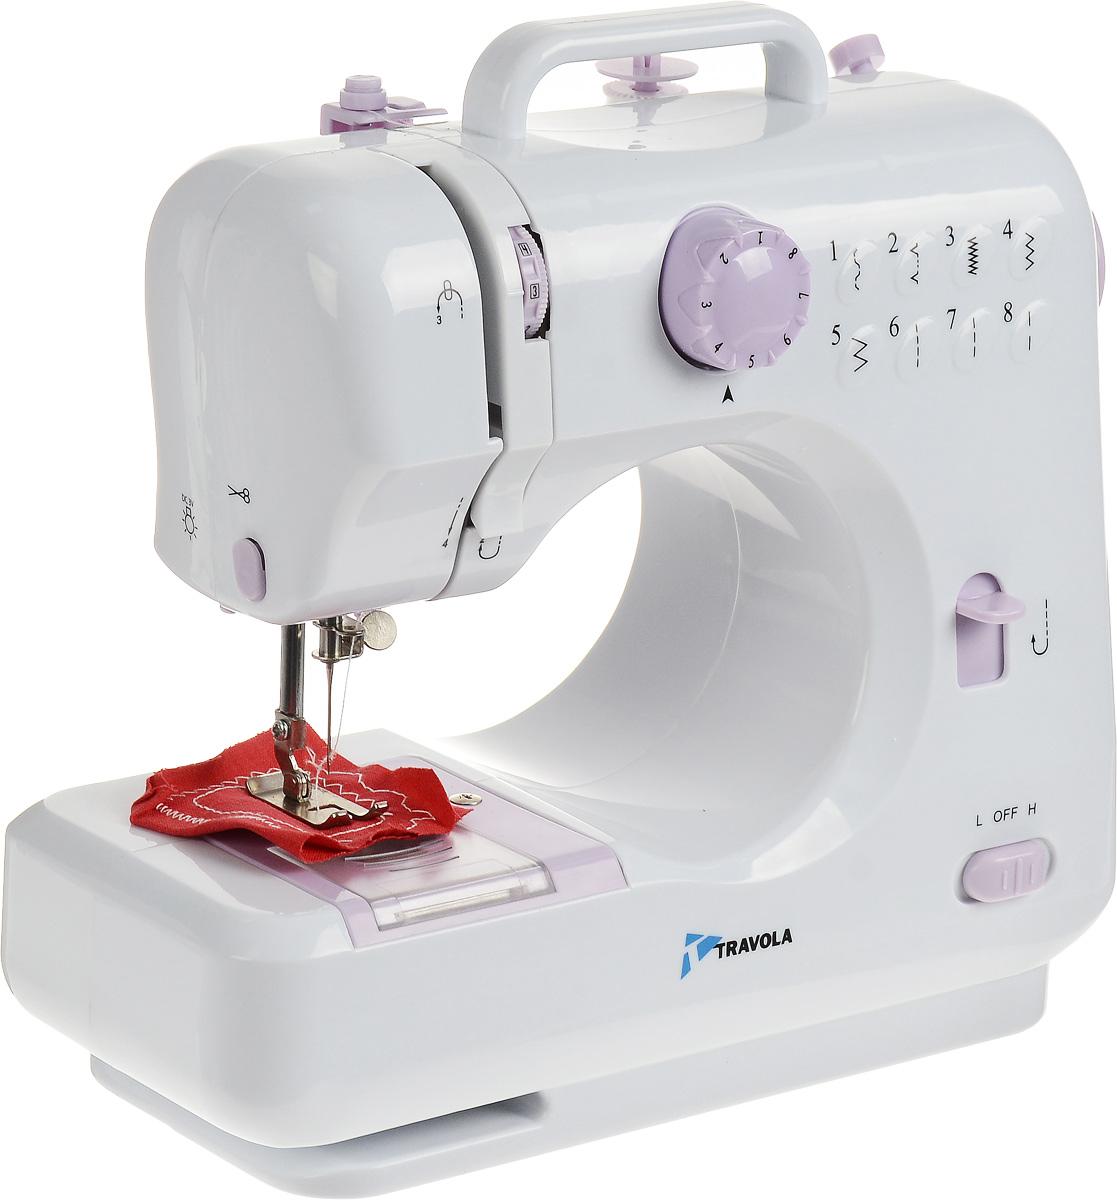 Travola 505 швейная машина505Швейная машина Travola 505 идеально подходит для выполнения основных швейных операций при изготовлении и ремонте одежды. Эта надежная машина имеет традиционный набор функций, который необходим для шитья. Устройство может выполнять 8 вариантов типа шва, из них 3 прямых, 3 зигзагообразных и 2 потайных. Данная модель проста в установке, настройке и эксплуатации. * Победитель номинации «Лучшая собственная торговая марка в сегменте ONLINE»Премия PRIVATE LABEL AWARDS (by IPLS) —международная премия в области собственных торговых марок, созданная компанией Reed Exhibitions в рамках выставки «Собственная Торговая Марка» (IPLS) 2016 с целью поощрения розничных сетей, а также производителей продовольственных и непродовольственных товаров за их вклад в развитие качественных товаров private label, которые способствуют росту уровня покупательского доверия в России и СНГ.